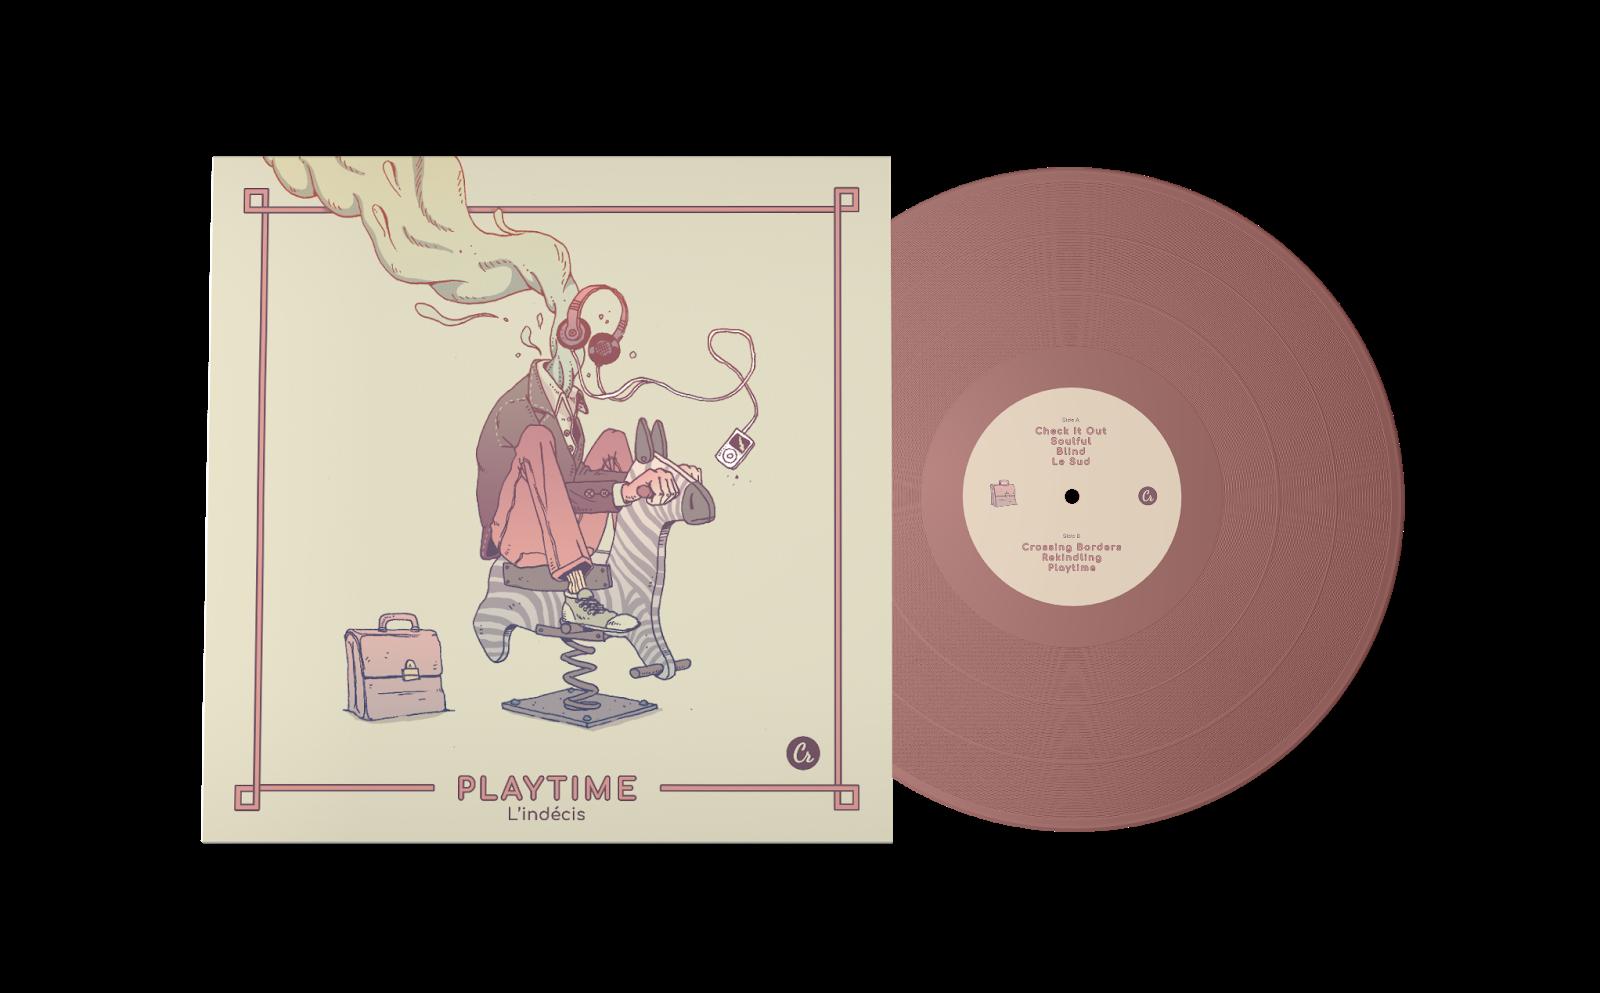 Playtime von L'indécis | Eine musikalische Reise, ein modernes Jazz-Fusion Musical | Full Album Stream und Vinyl Tipp